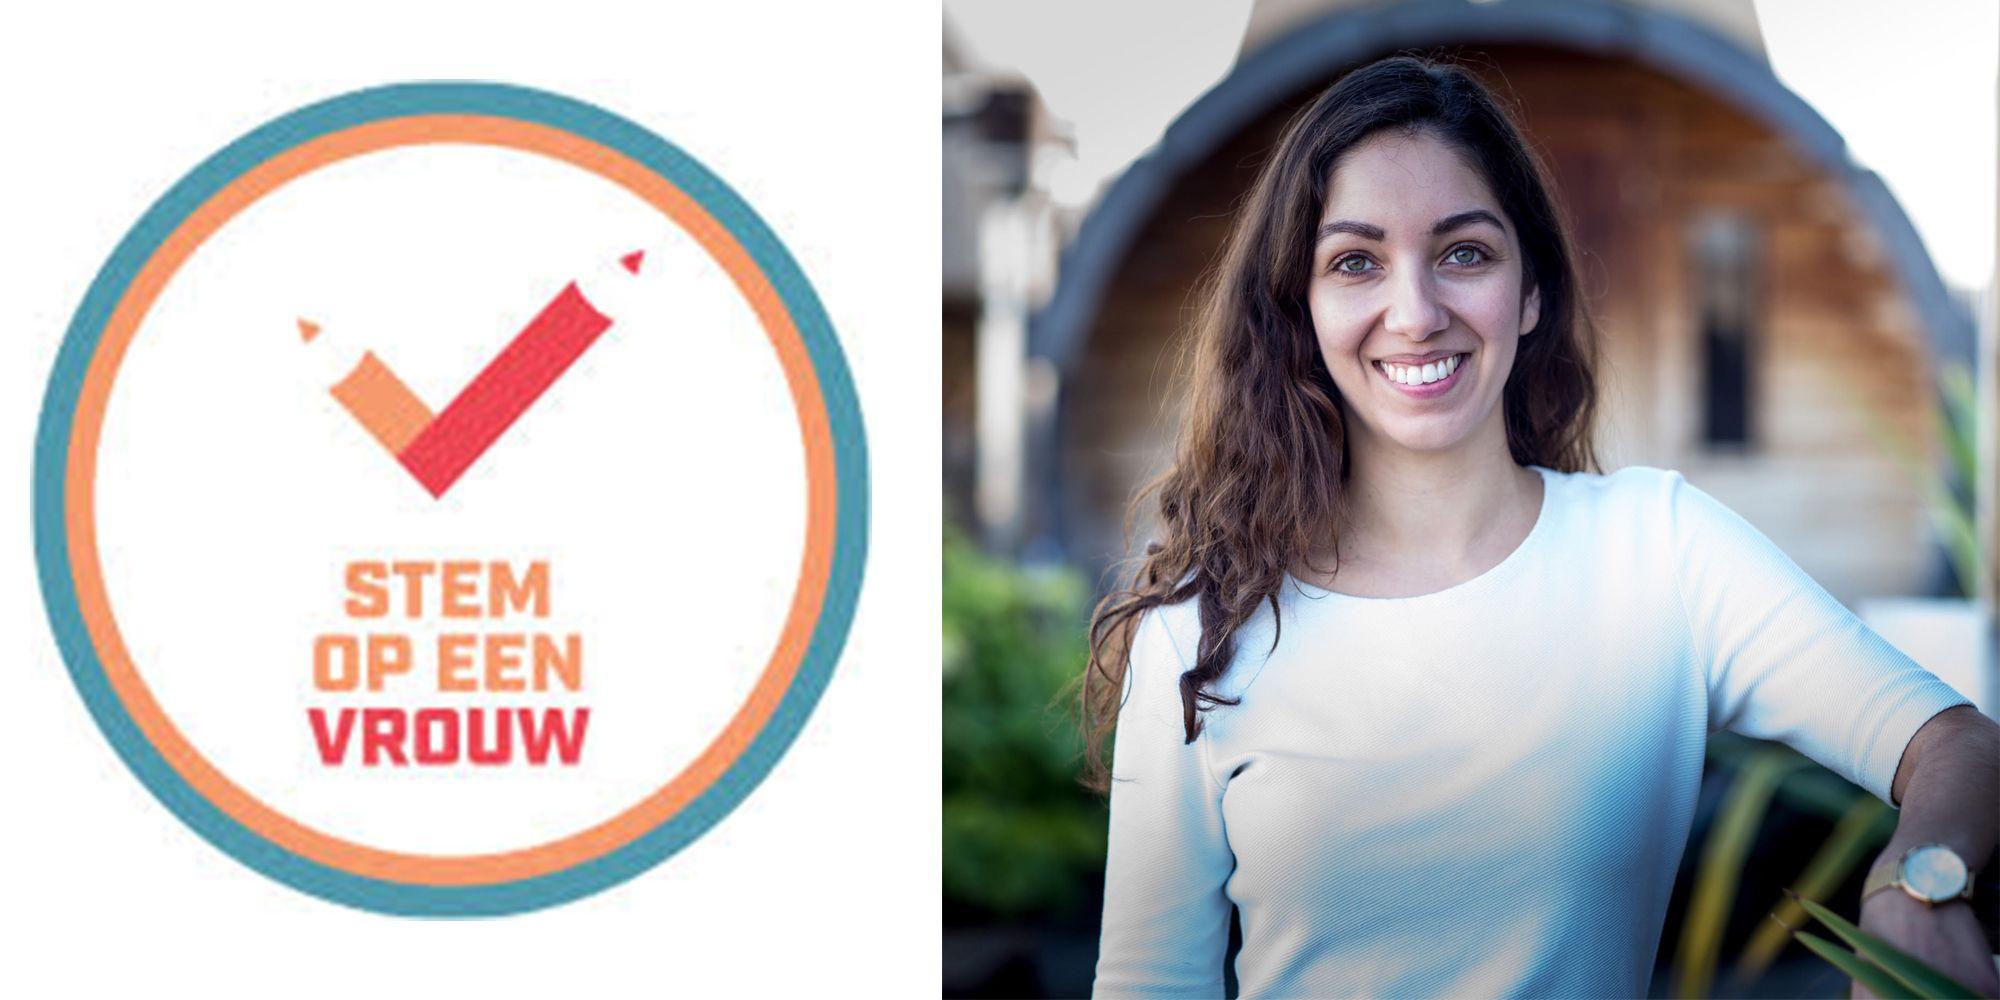 Stem op een Vrouw - Devika Partiman richtte Stem Op Een Vrouw op om meer vrouwen de politiek in te krijgen